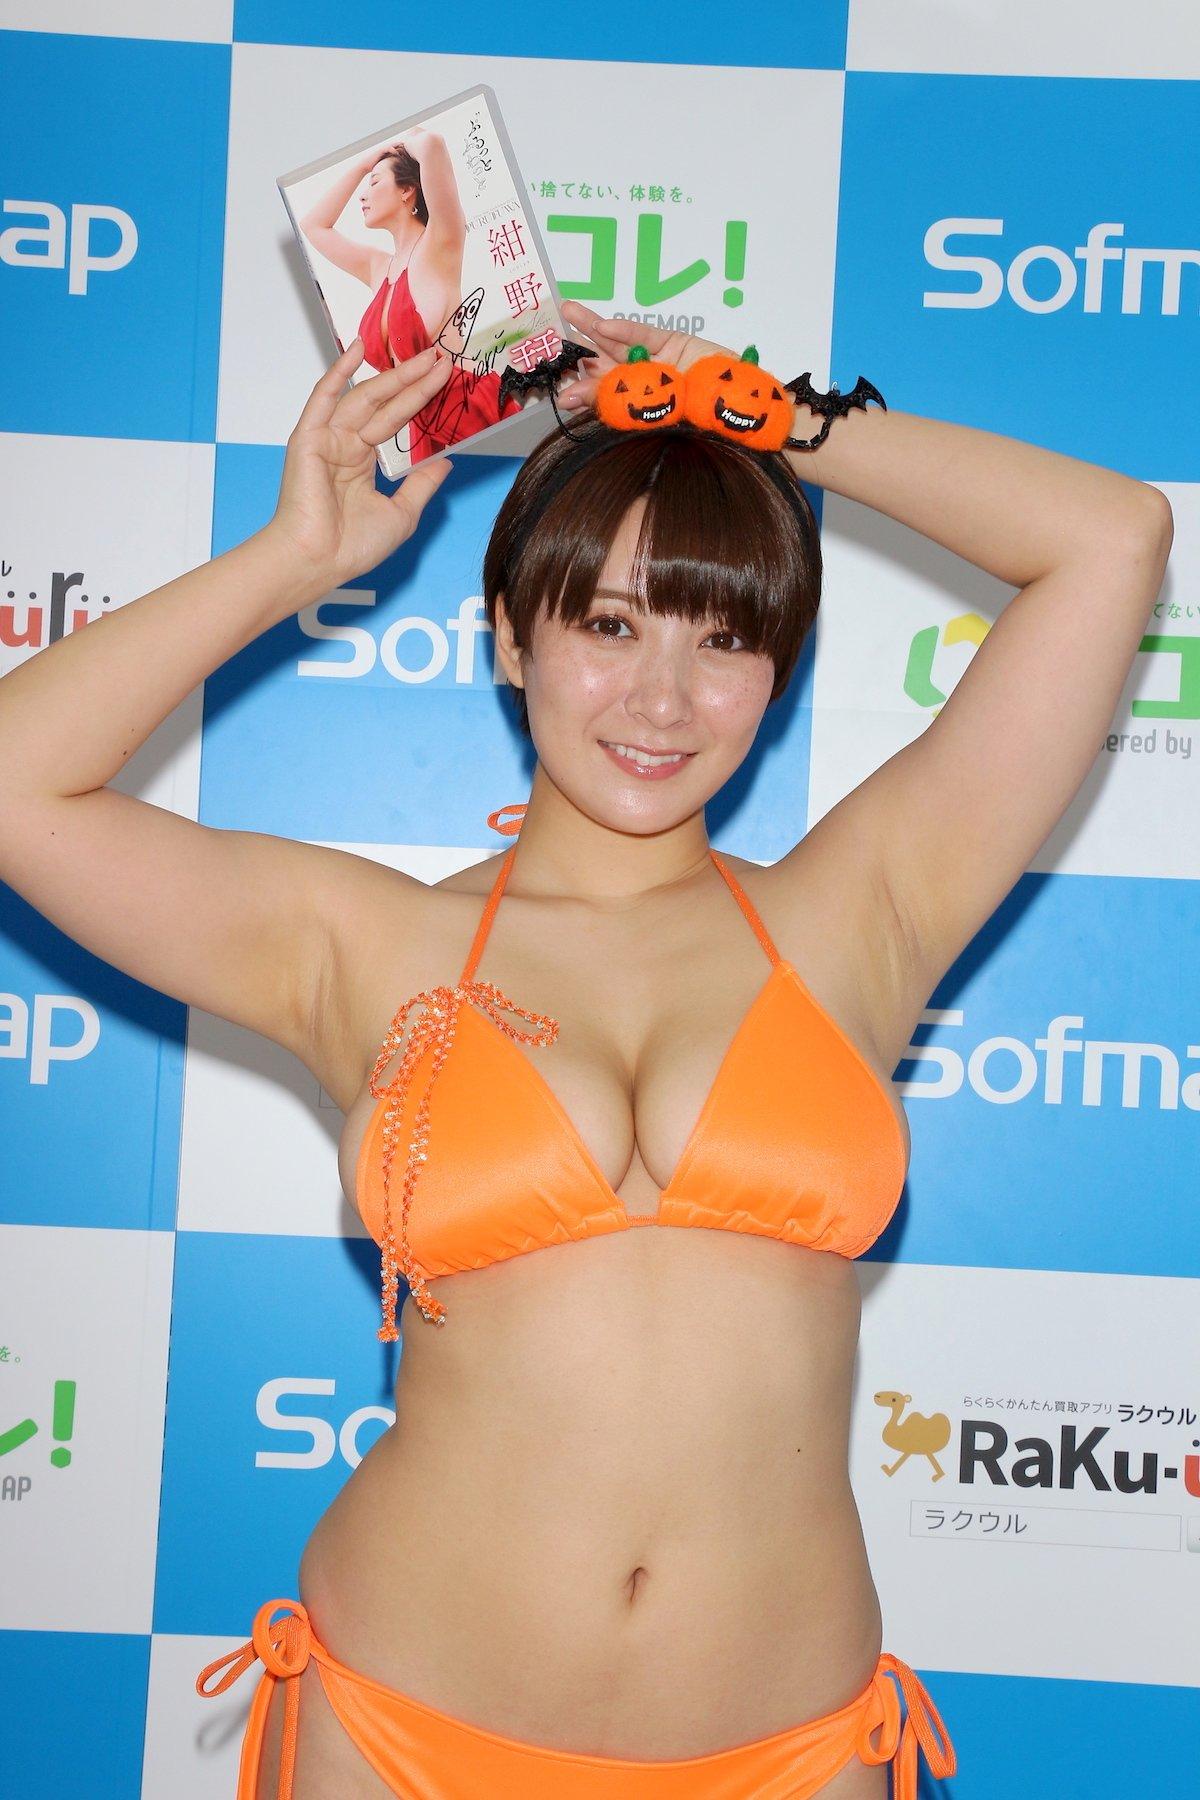 紺野栞「SM嬢に初挑戦」ムチを覚えて感動しました【画像49枚】の画像043